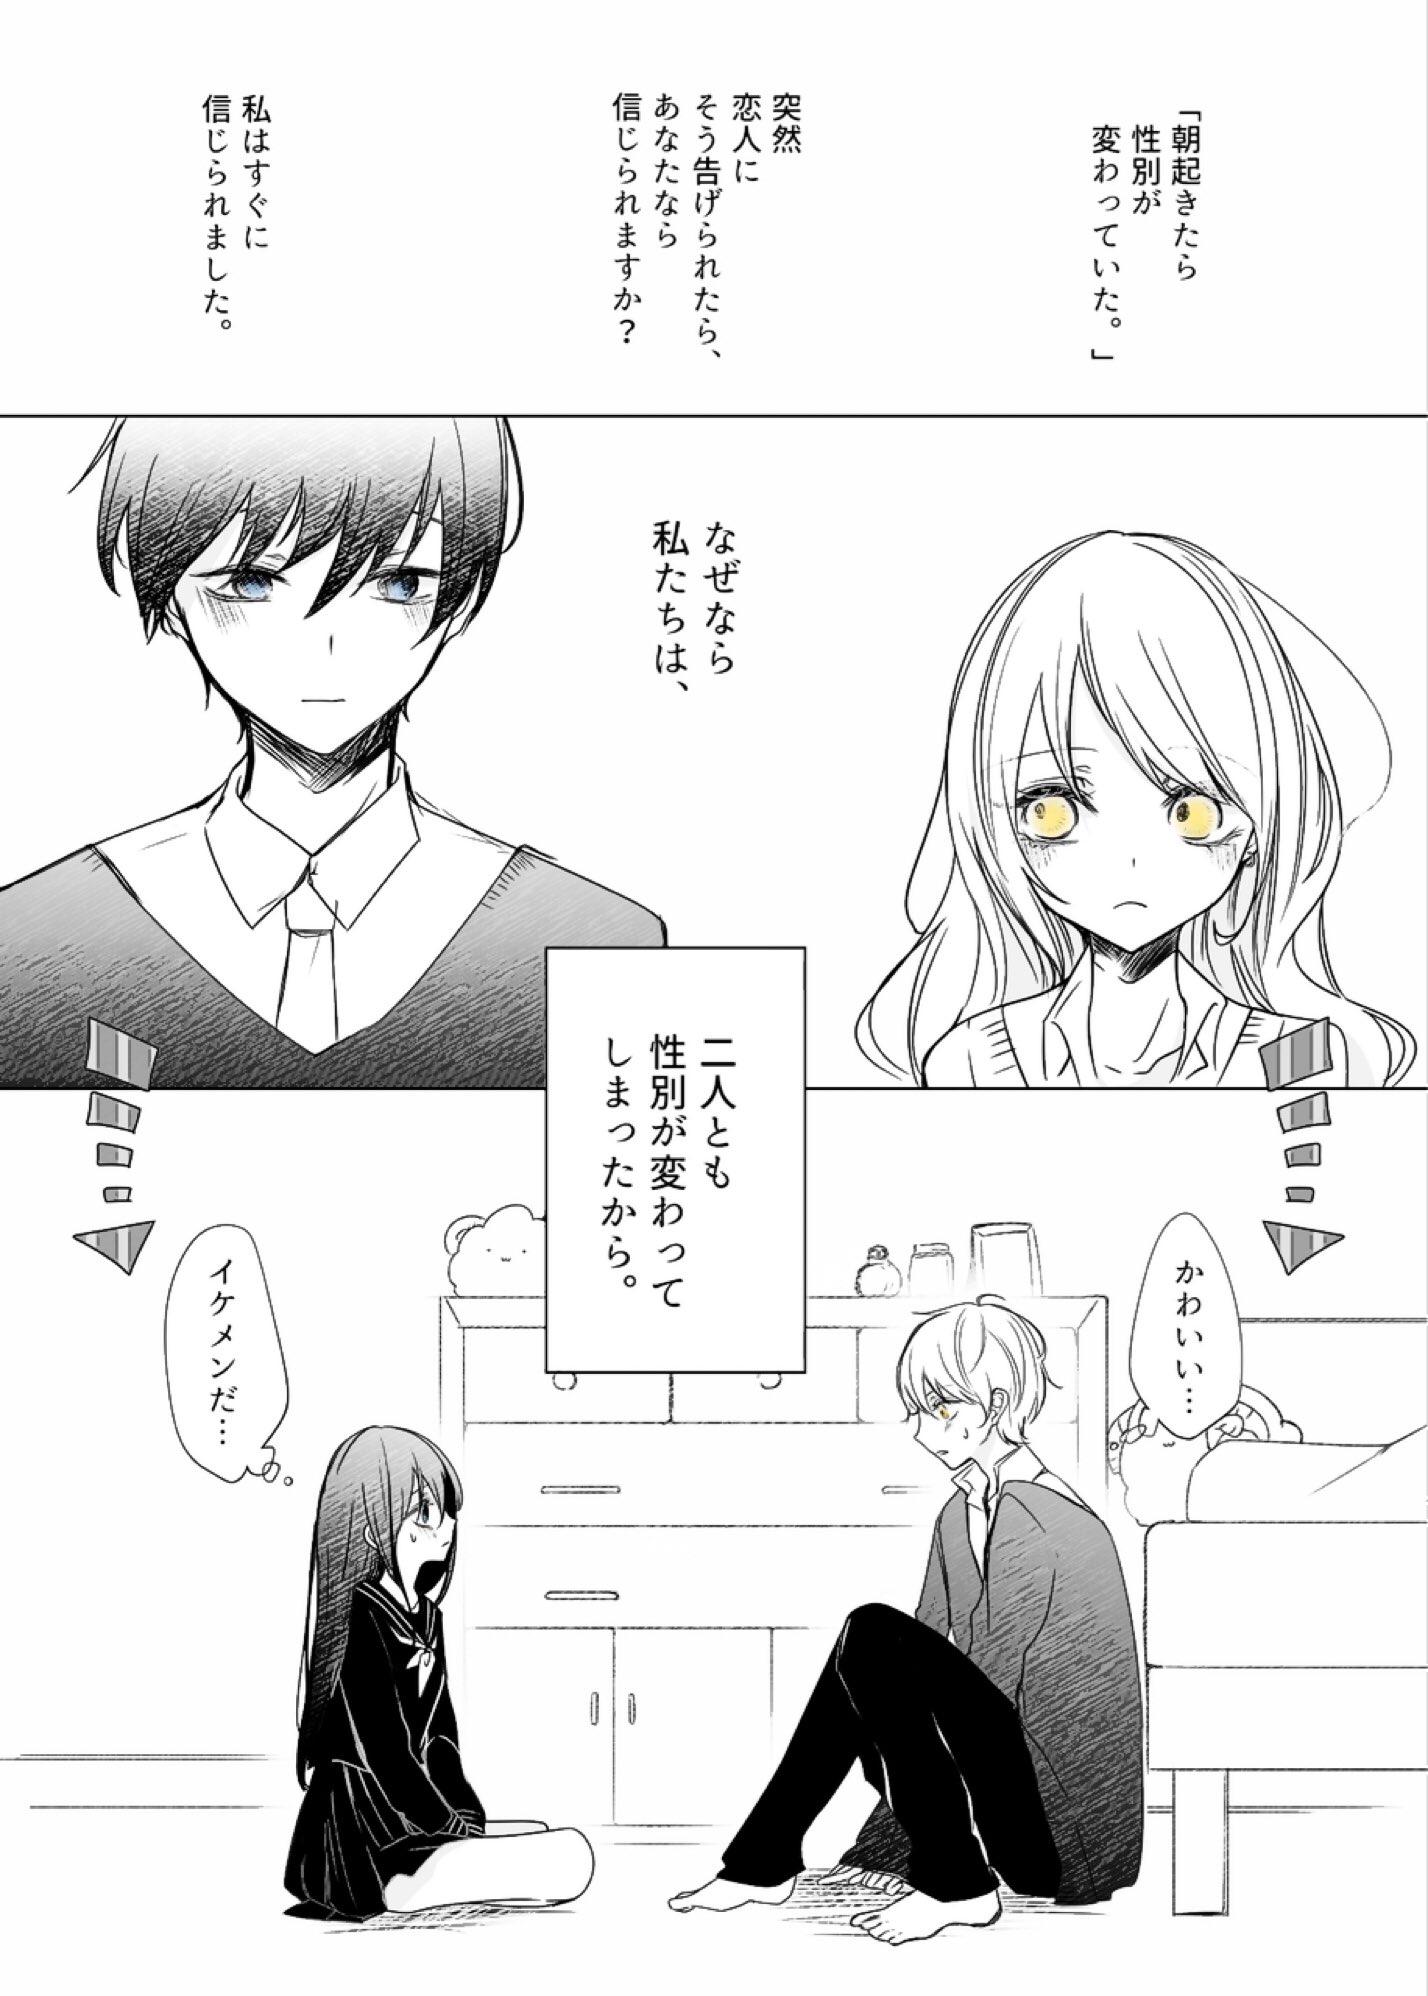 [創作漫画] 可愛くなった彼氏に戸惑う かっこよくなった彼女の話。